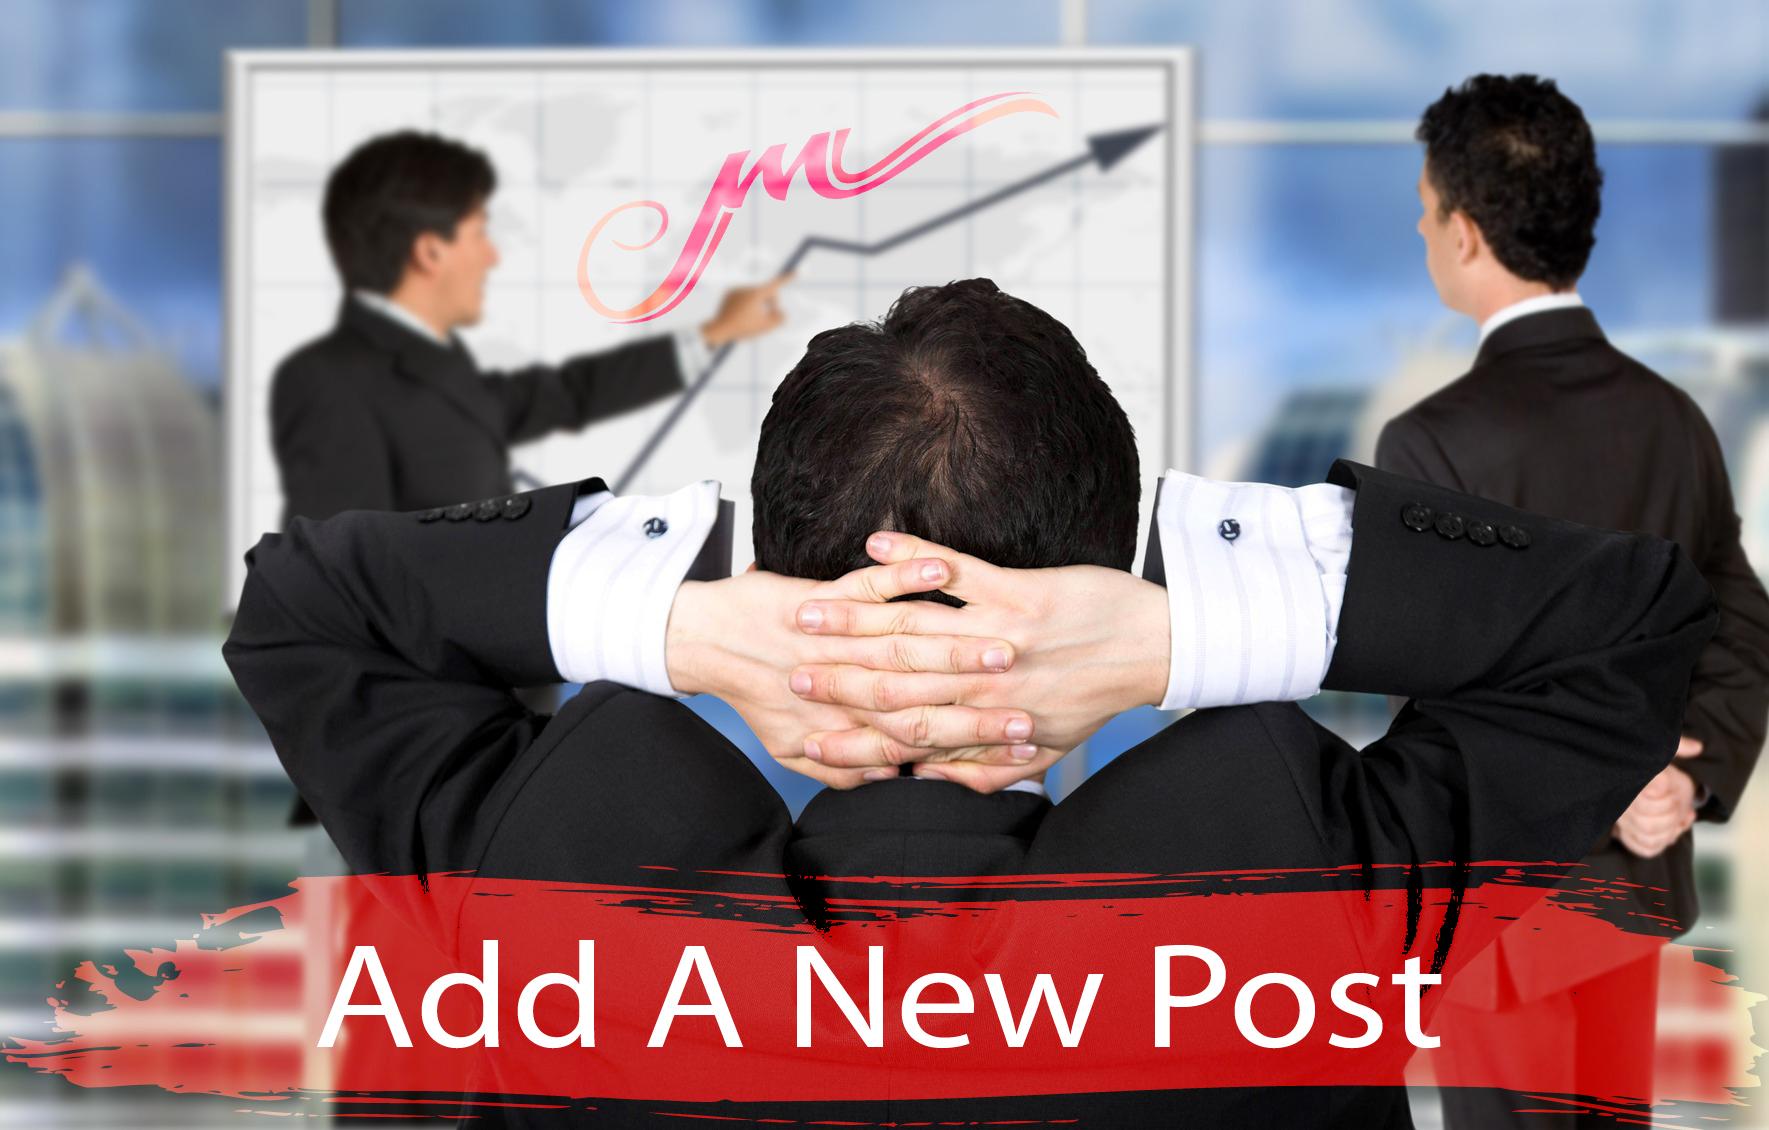 Add A New Post